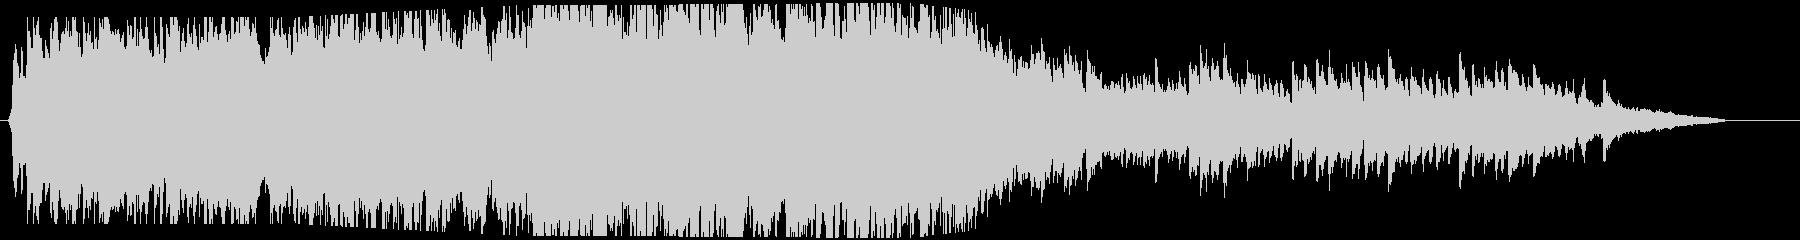 現代の交響曲 感情的 バラード 憂...の未再生の波形